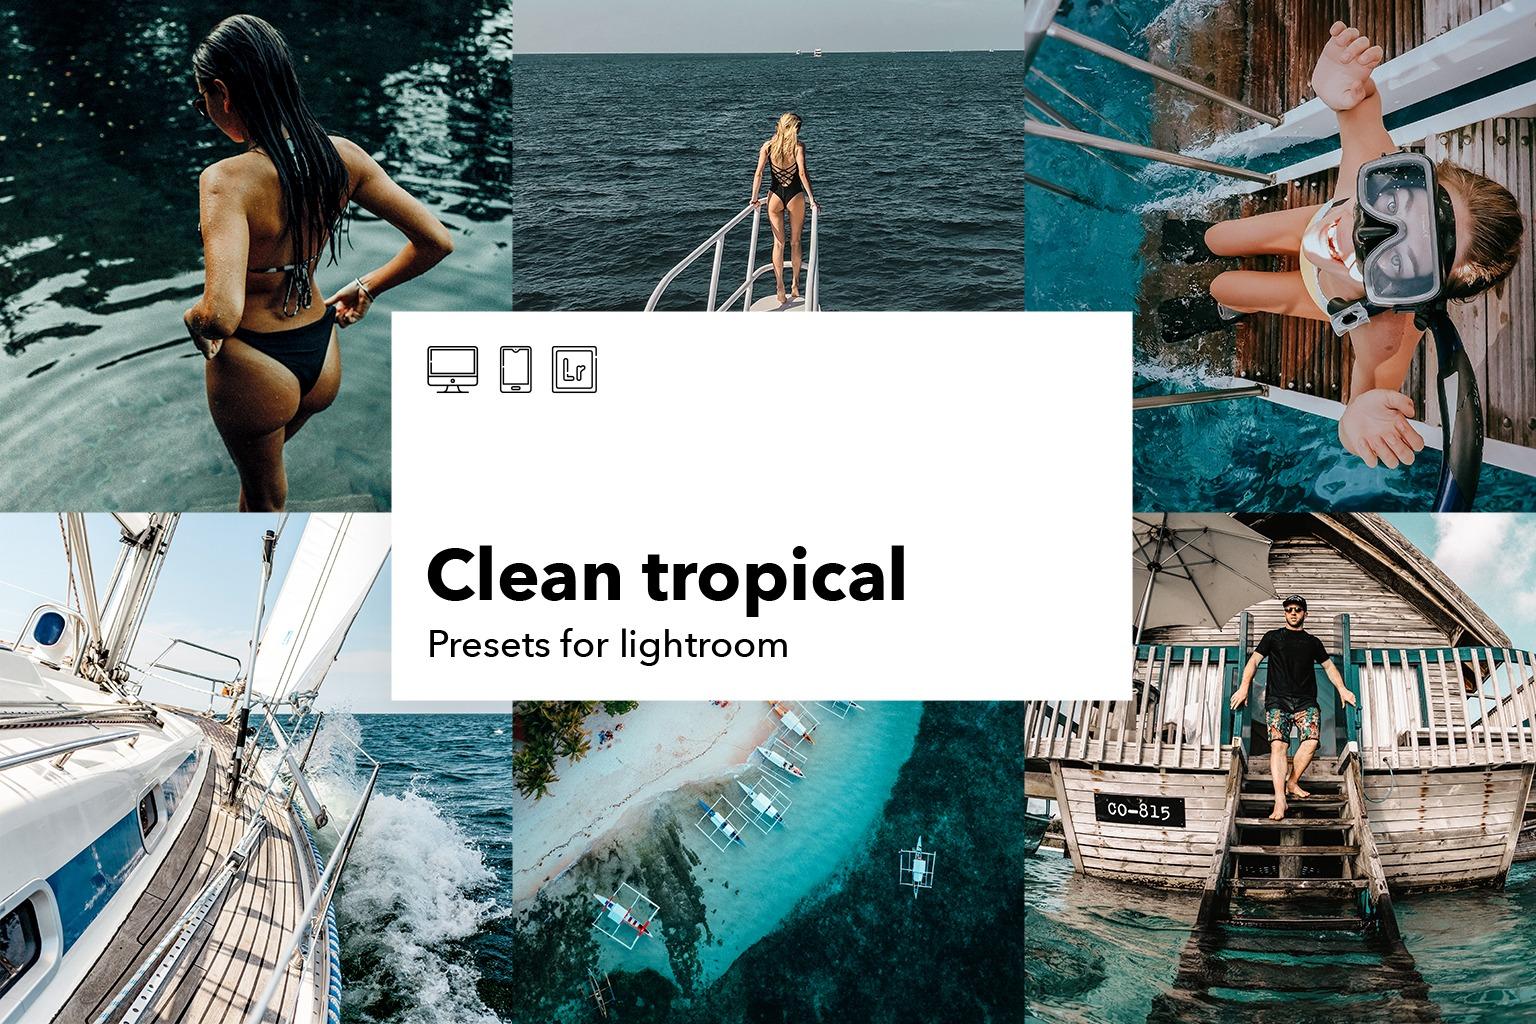 clean tropical